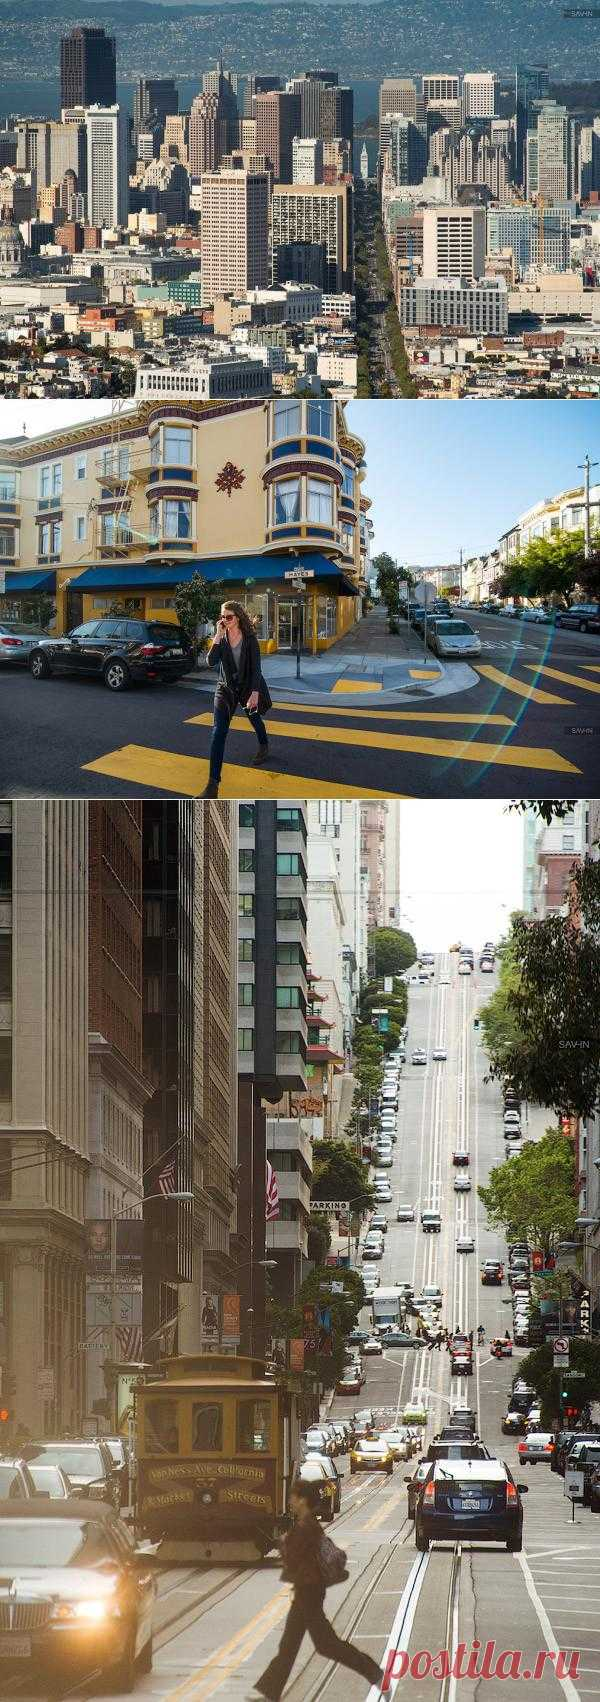 Город солнца. Сан-Франциско